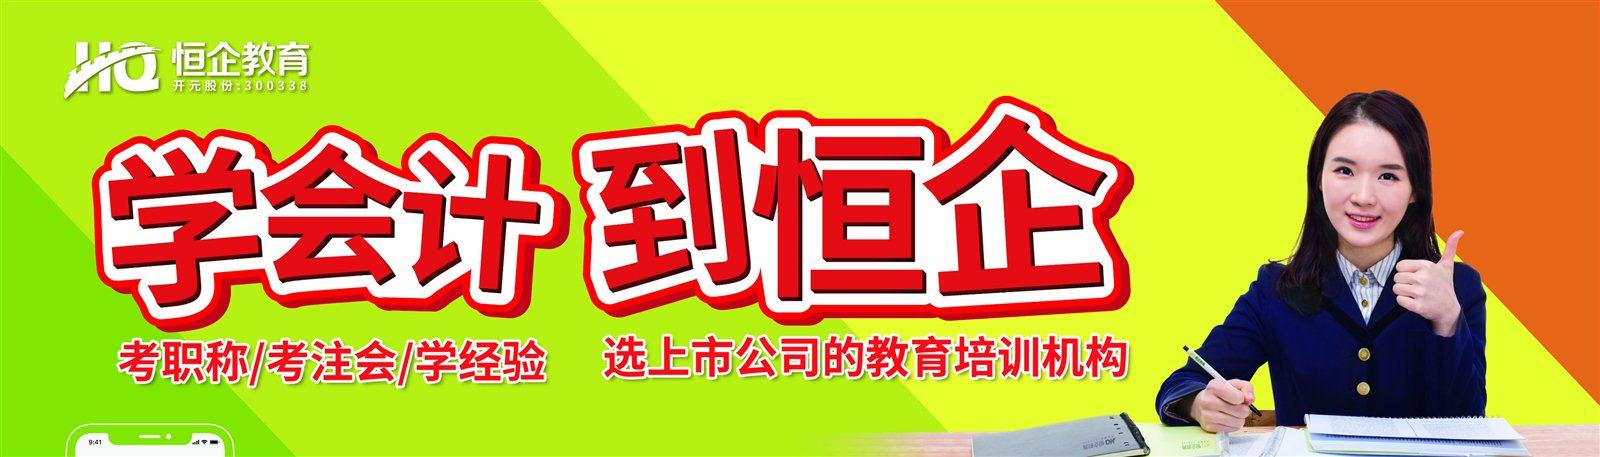 上海恒企教育培�有限公司�L垣校�^